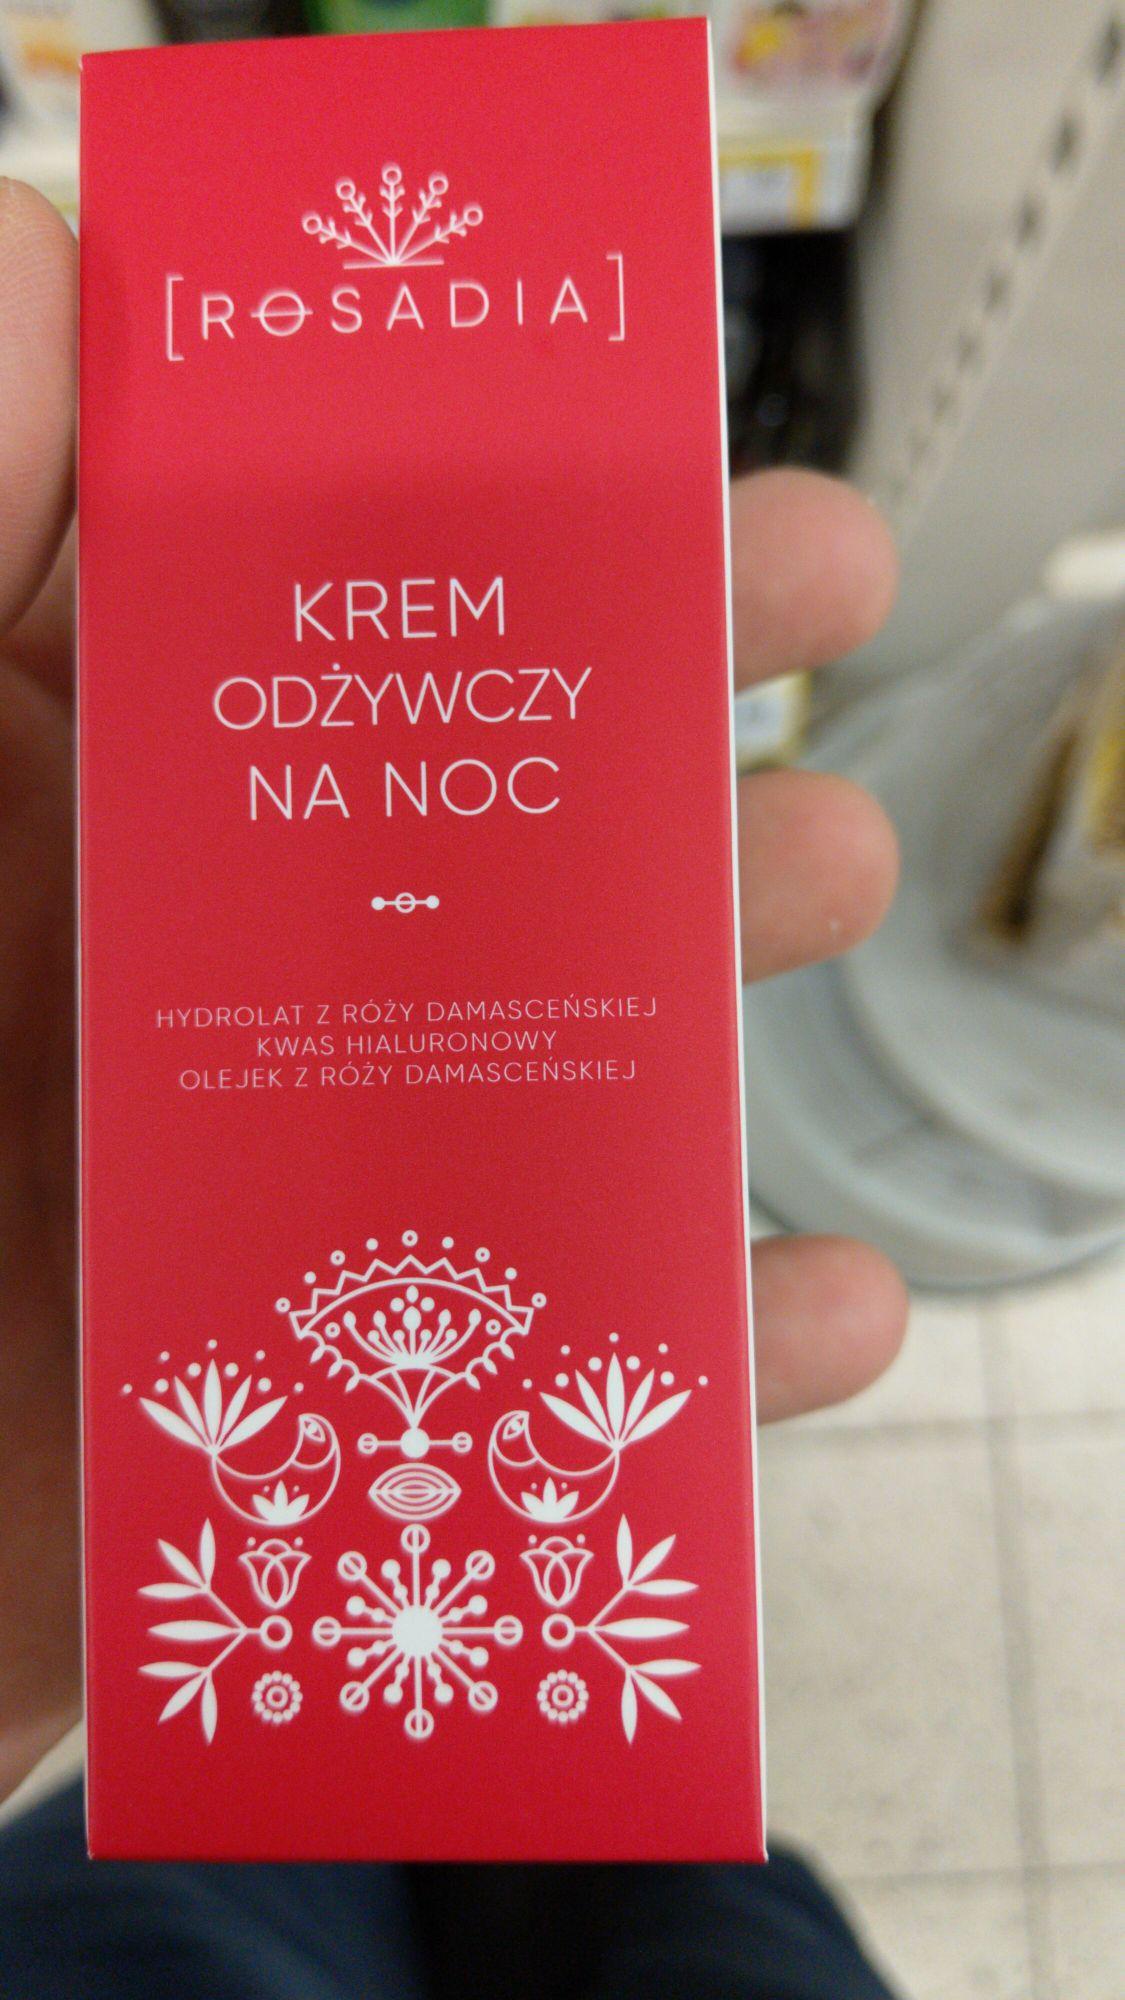 Tesco Krem odżywczy + inne kremy z rabatami